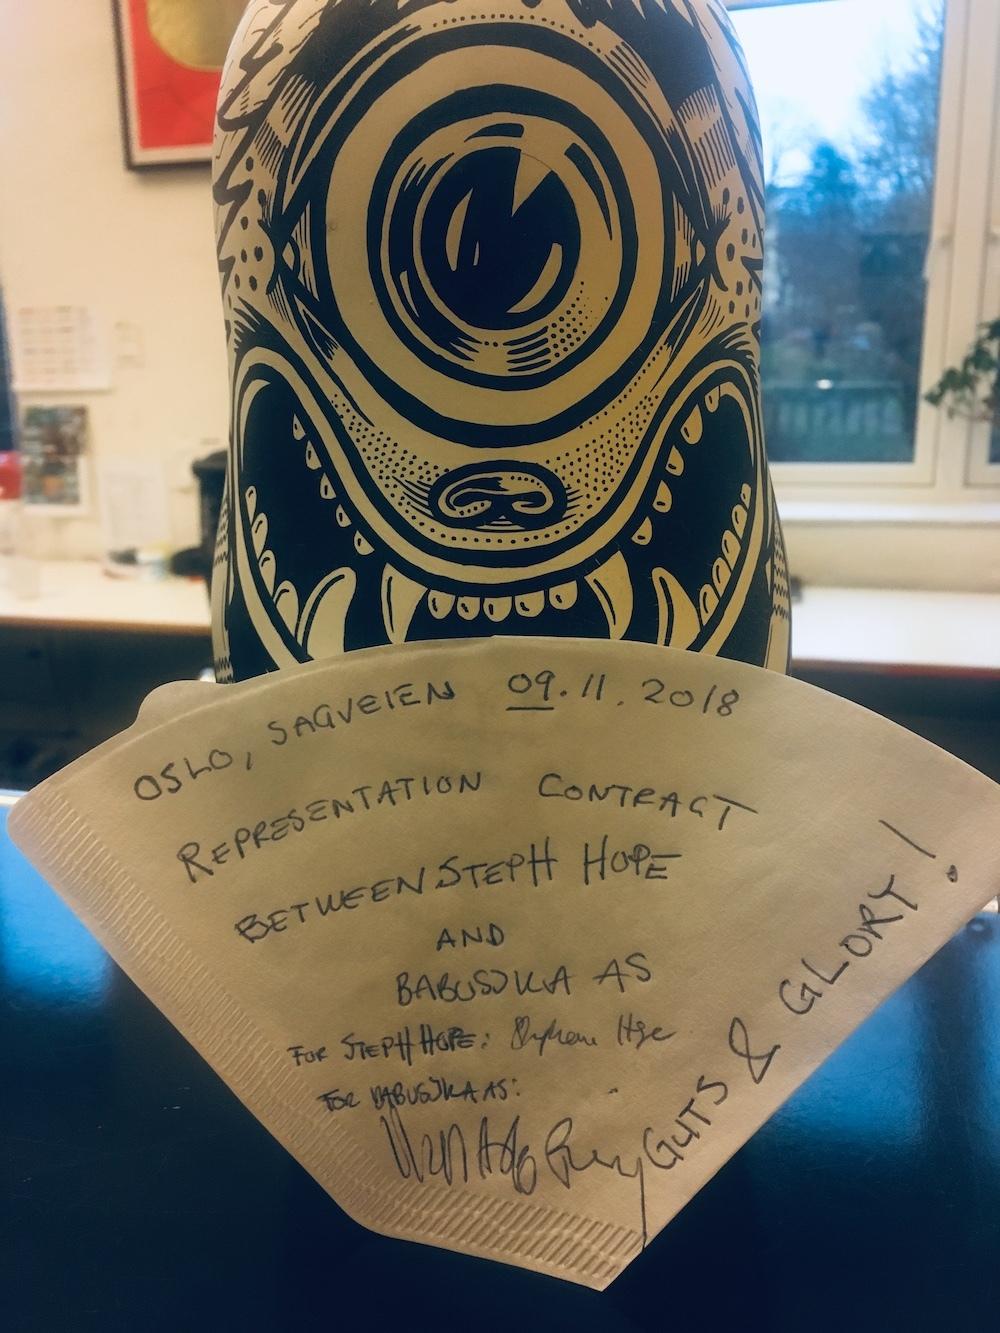 Servietten(kaffefilteret) er signert, og Steph er nå knyttet til Babusjka gjennom en lovnad om Guts&Glory